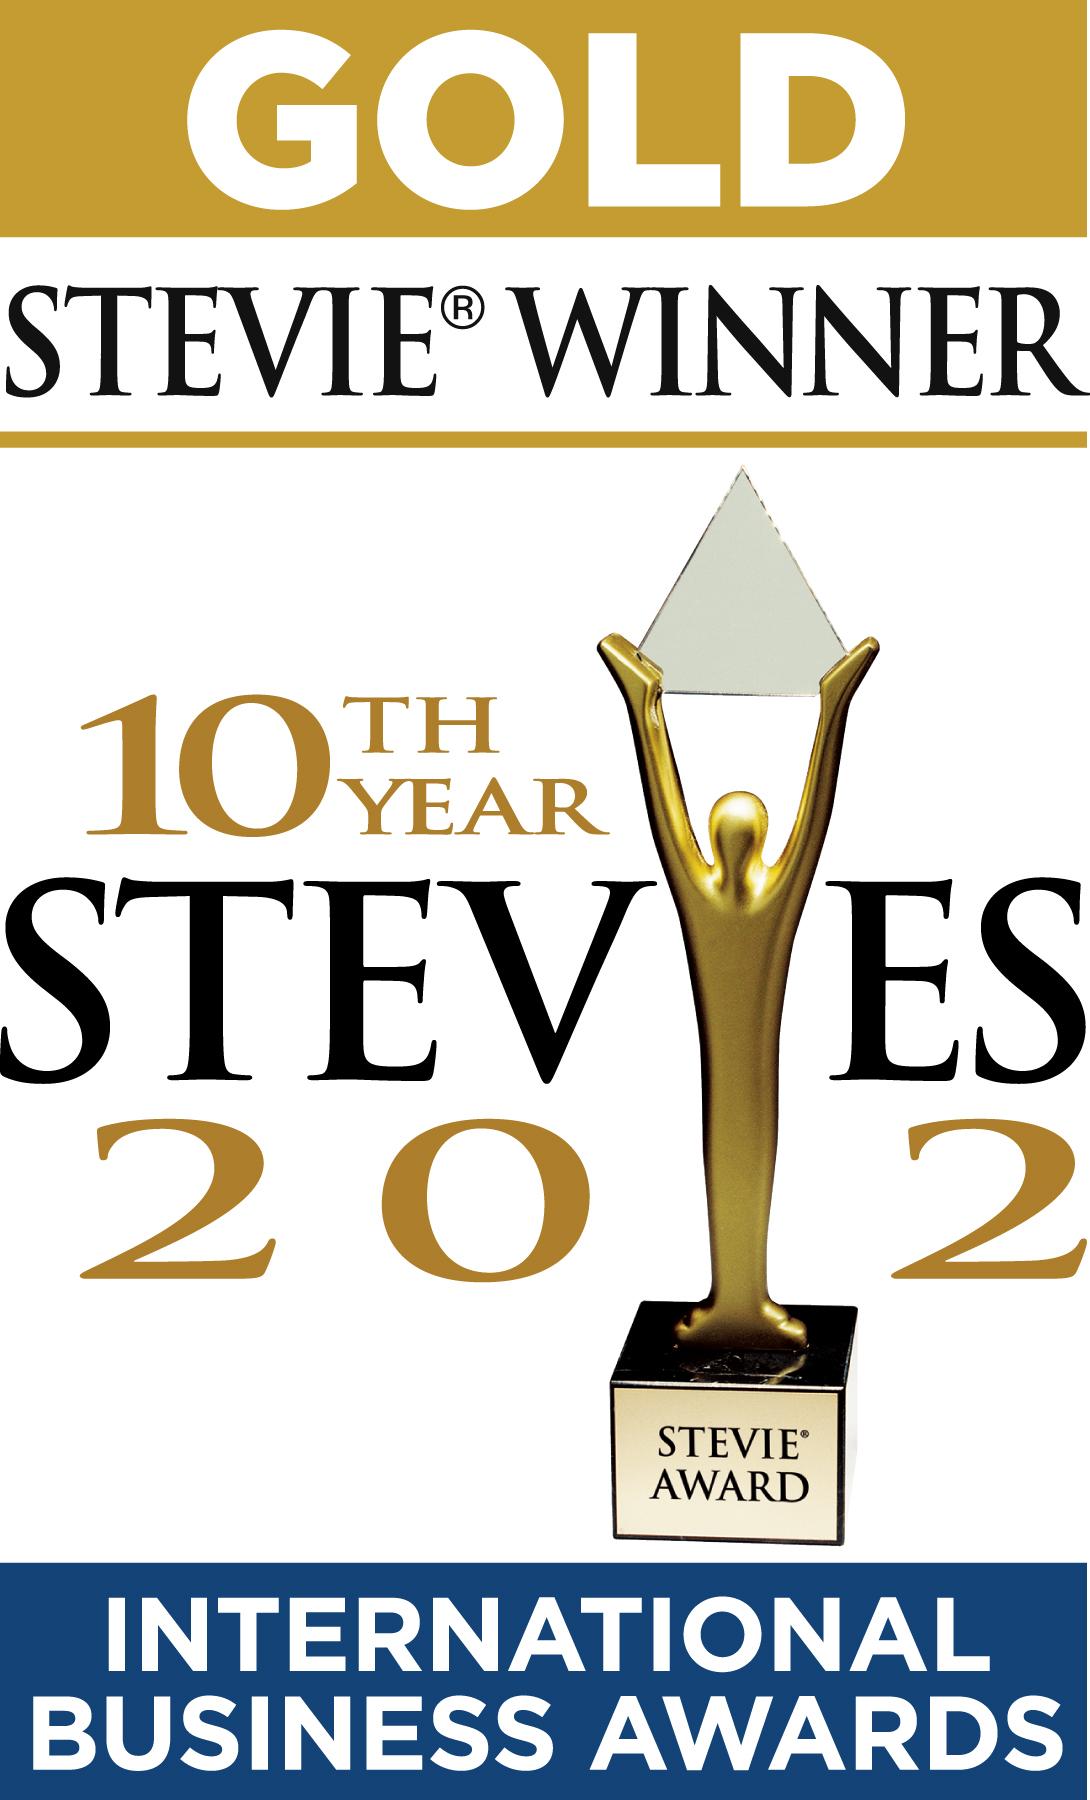 ECOMACOがスティービーアワードで金賞を受賞